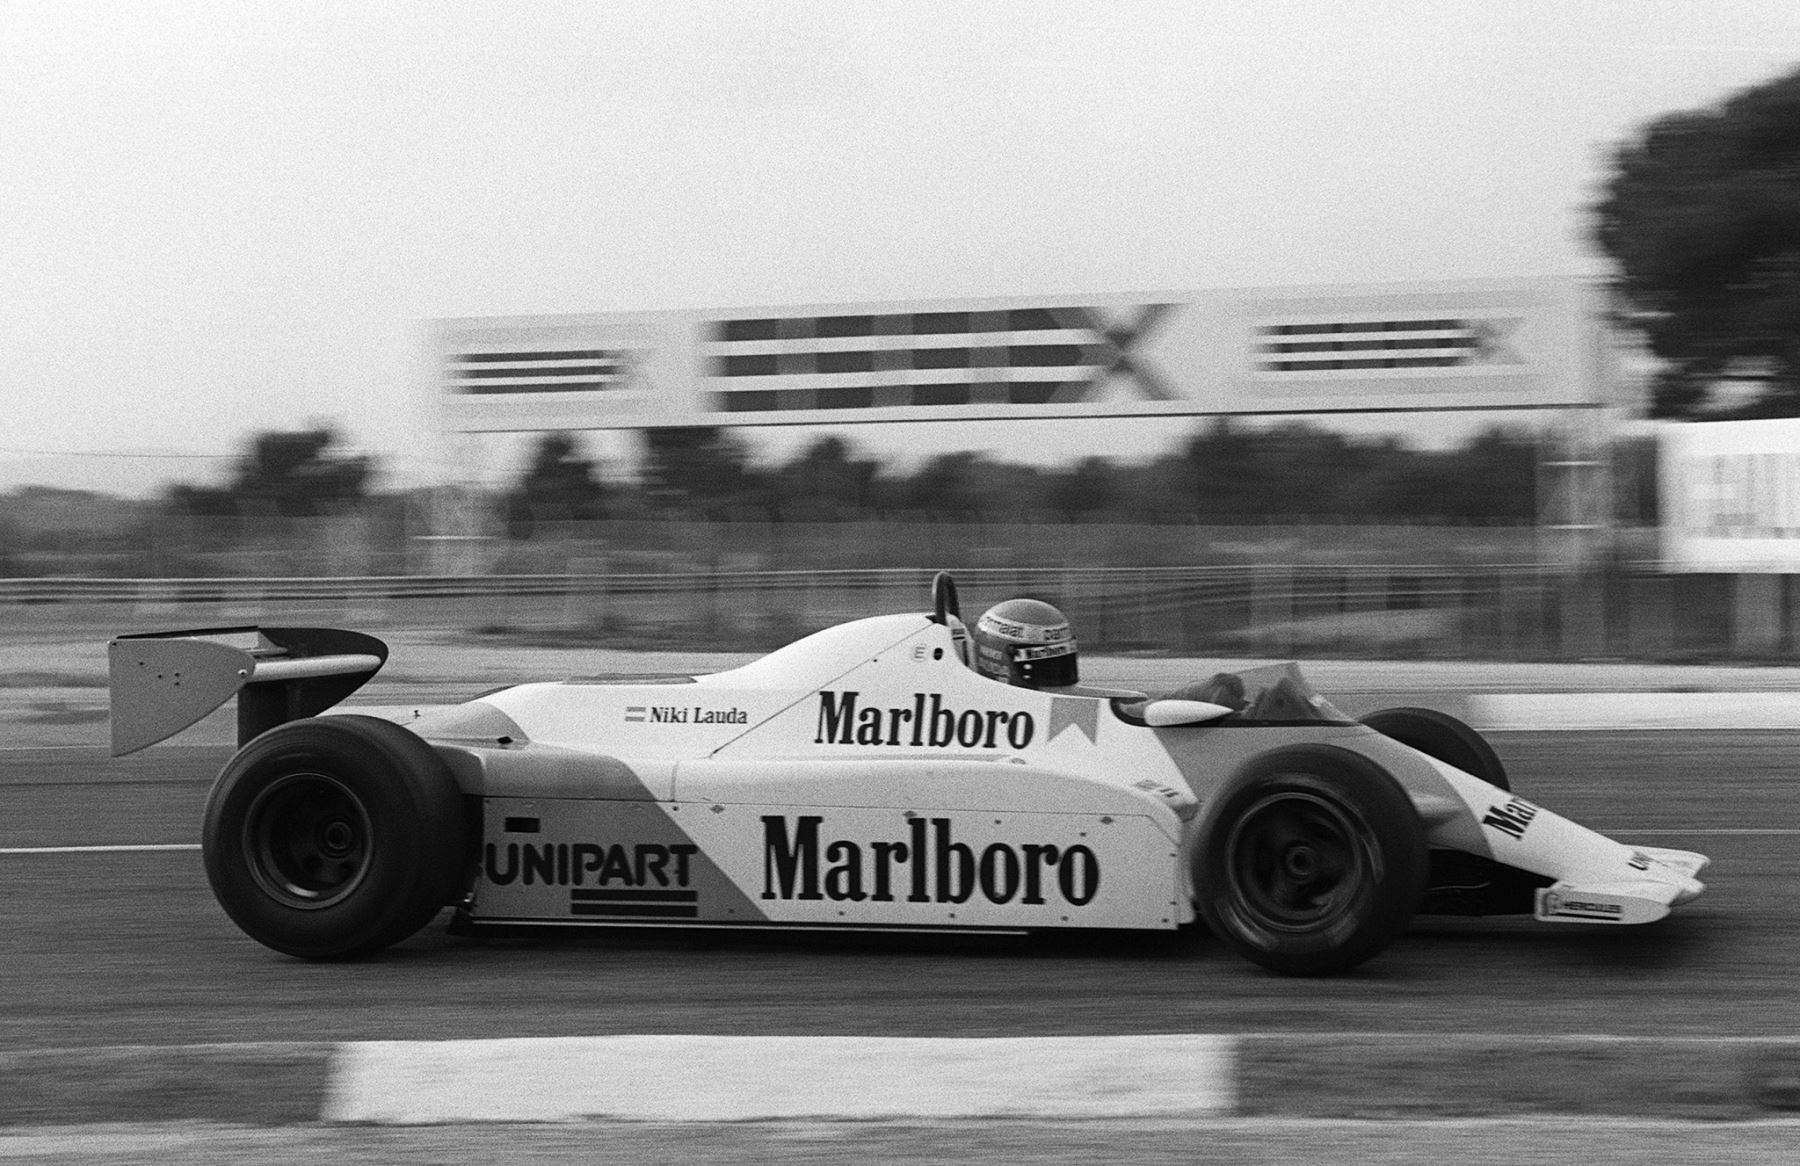 El piloto austriaco de Formula Uno, Niki Lauda, practica al volante de su Mac Laren en el circuito de carreras de Castellet el 20 de noviembre de 1981.Foto: AFP